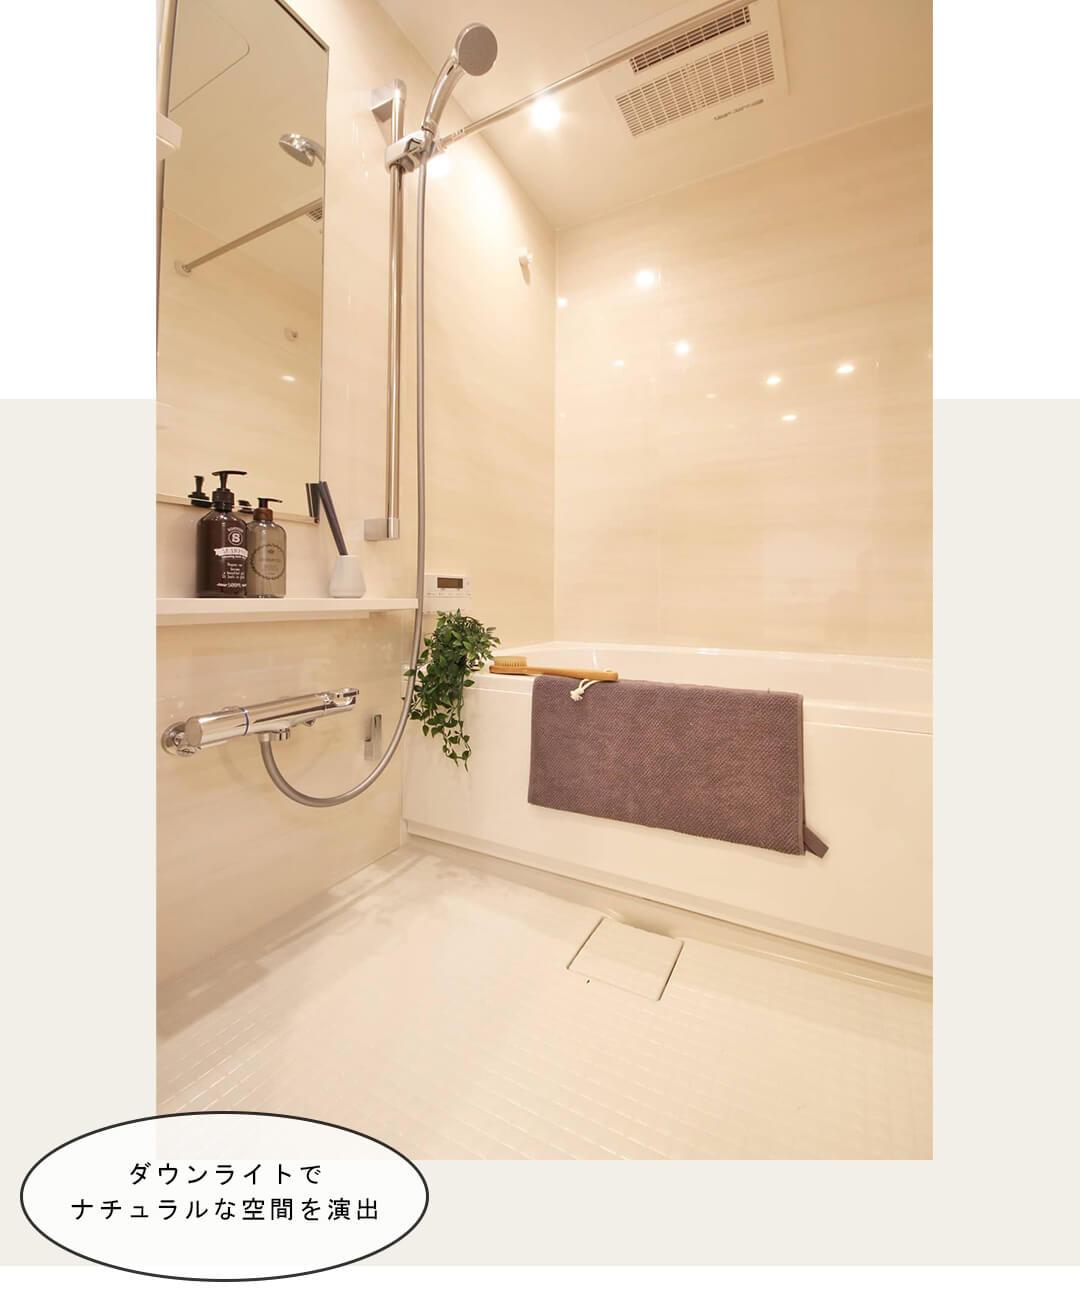 ユニオンパレス成城南の浴室